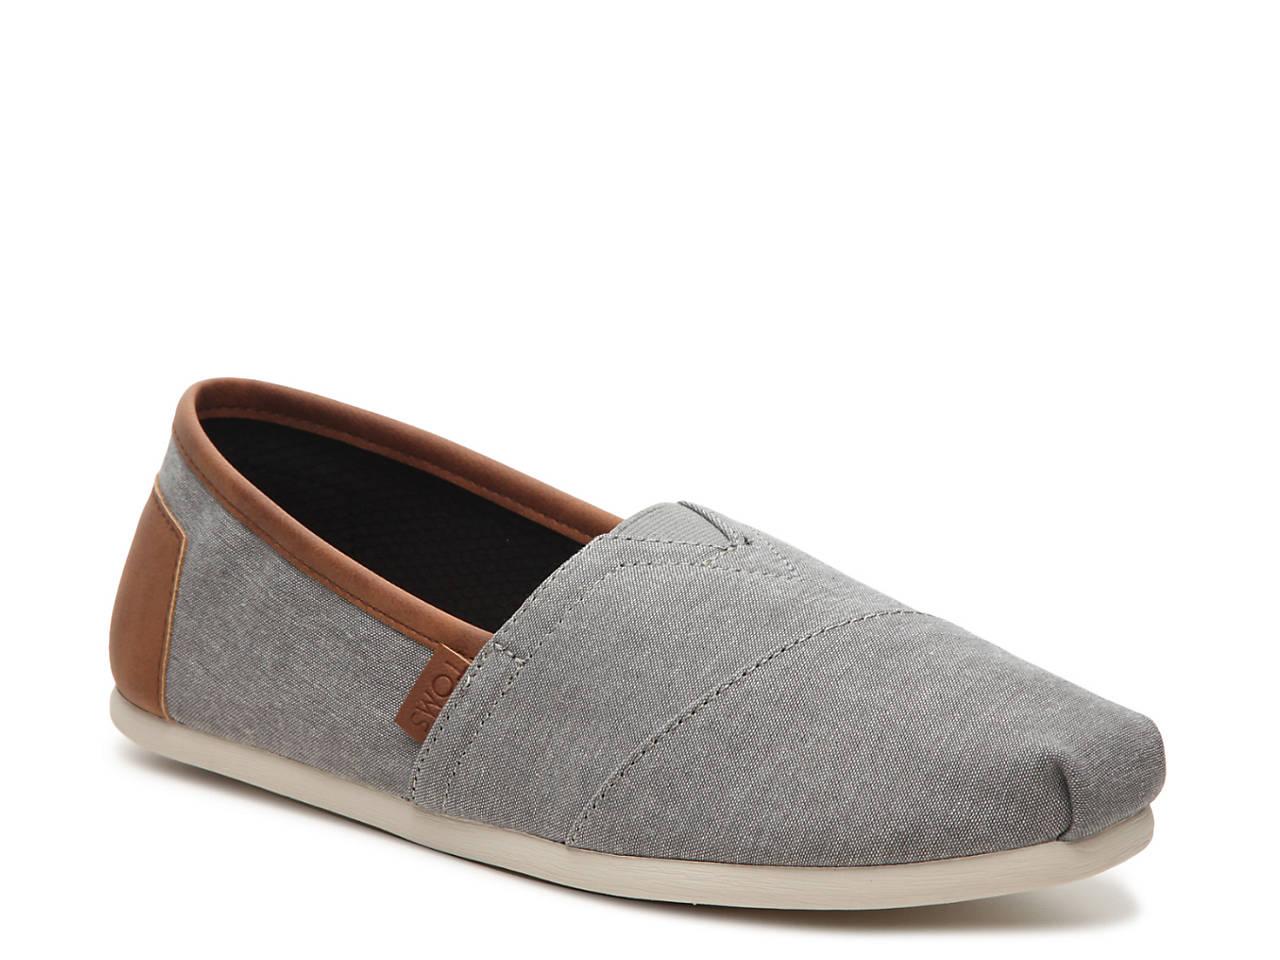 35c9216be48 TOMS Alpargata Slip-On Men s Shoes